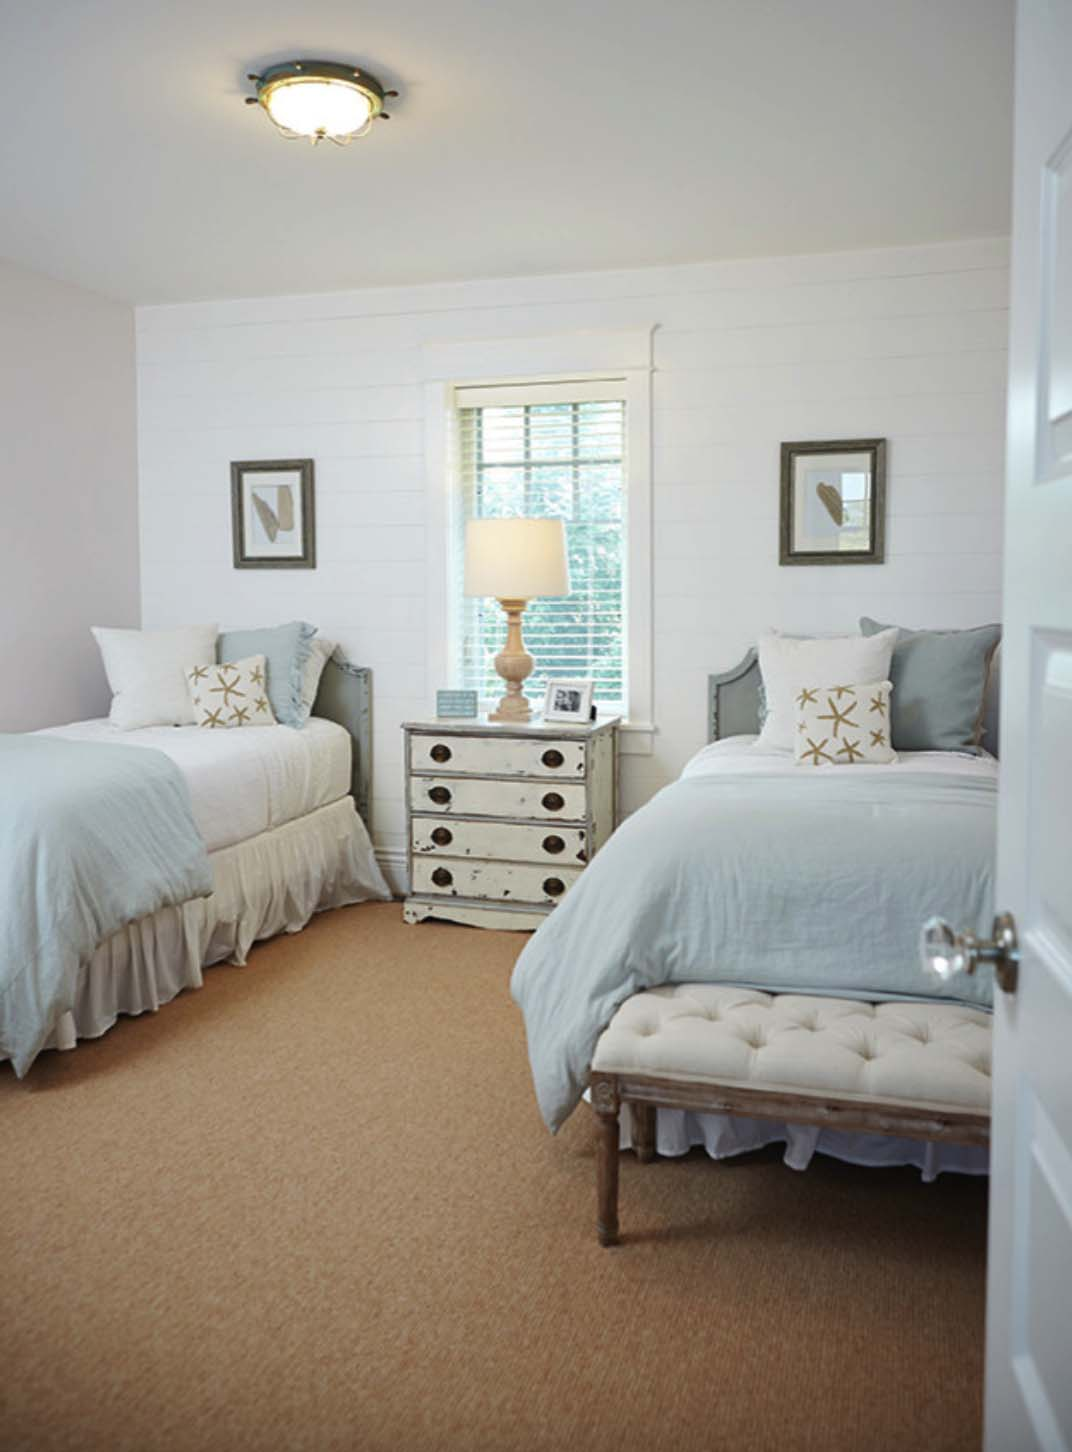 Cottage familial de style plage-Villa Decor-24-1 Kindesign